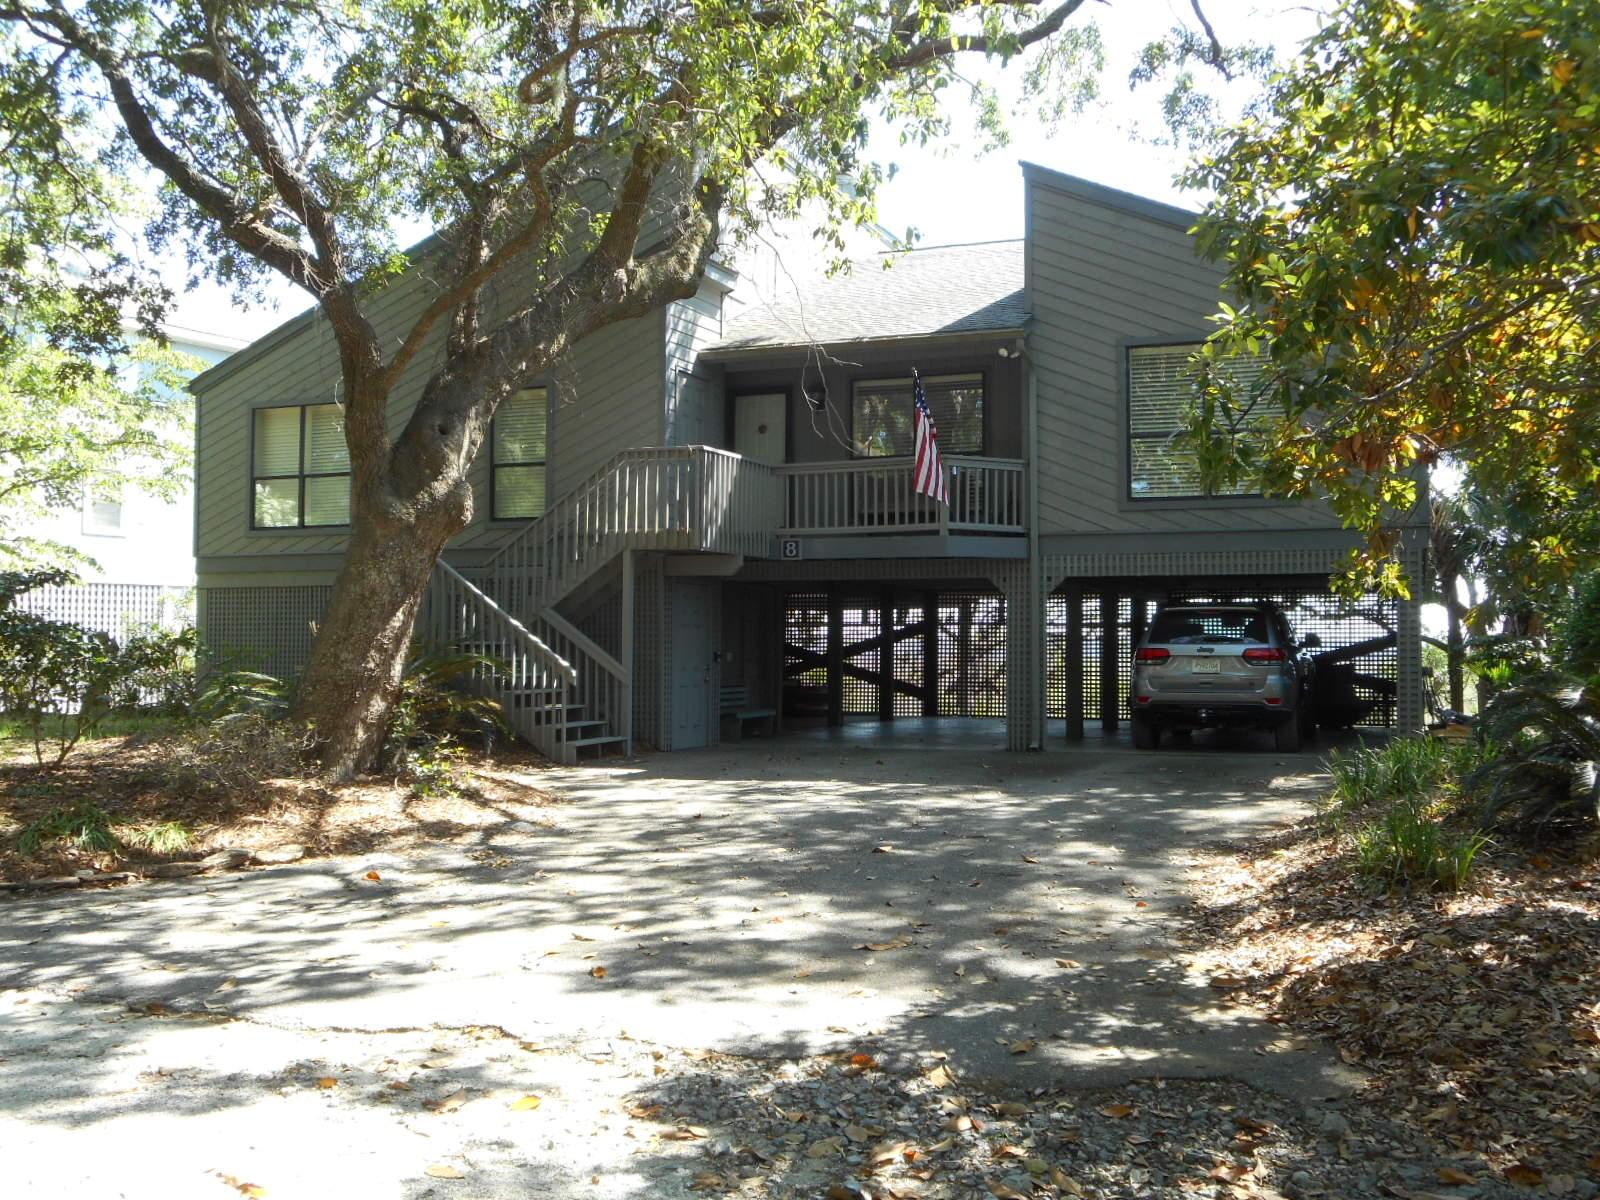 Home for sale 8 Island Cove, Island Cove, Edisto Beach, SC